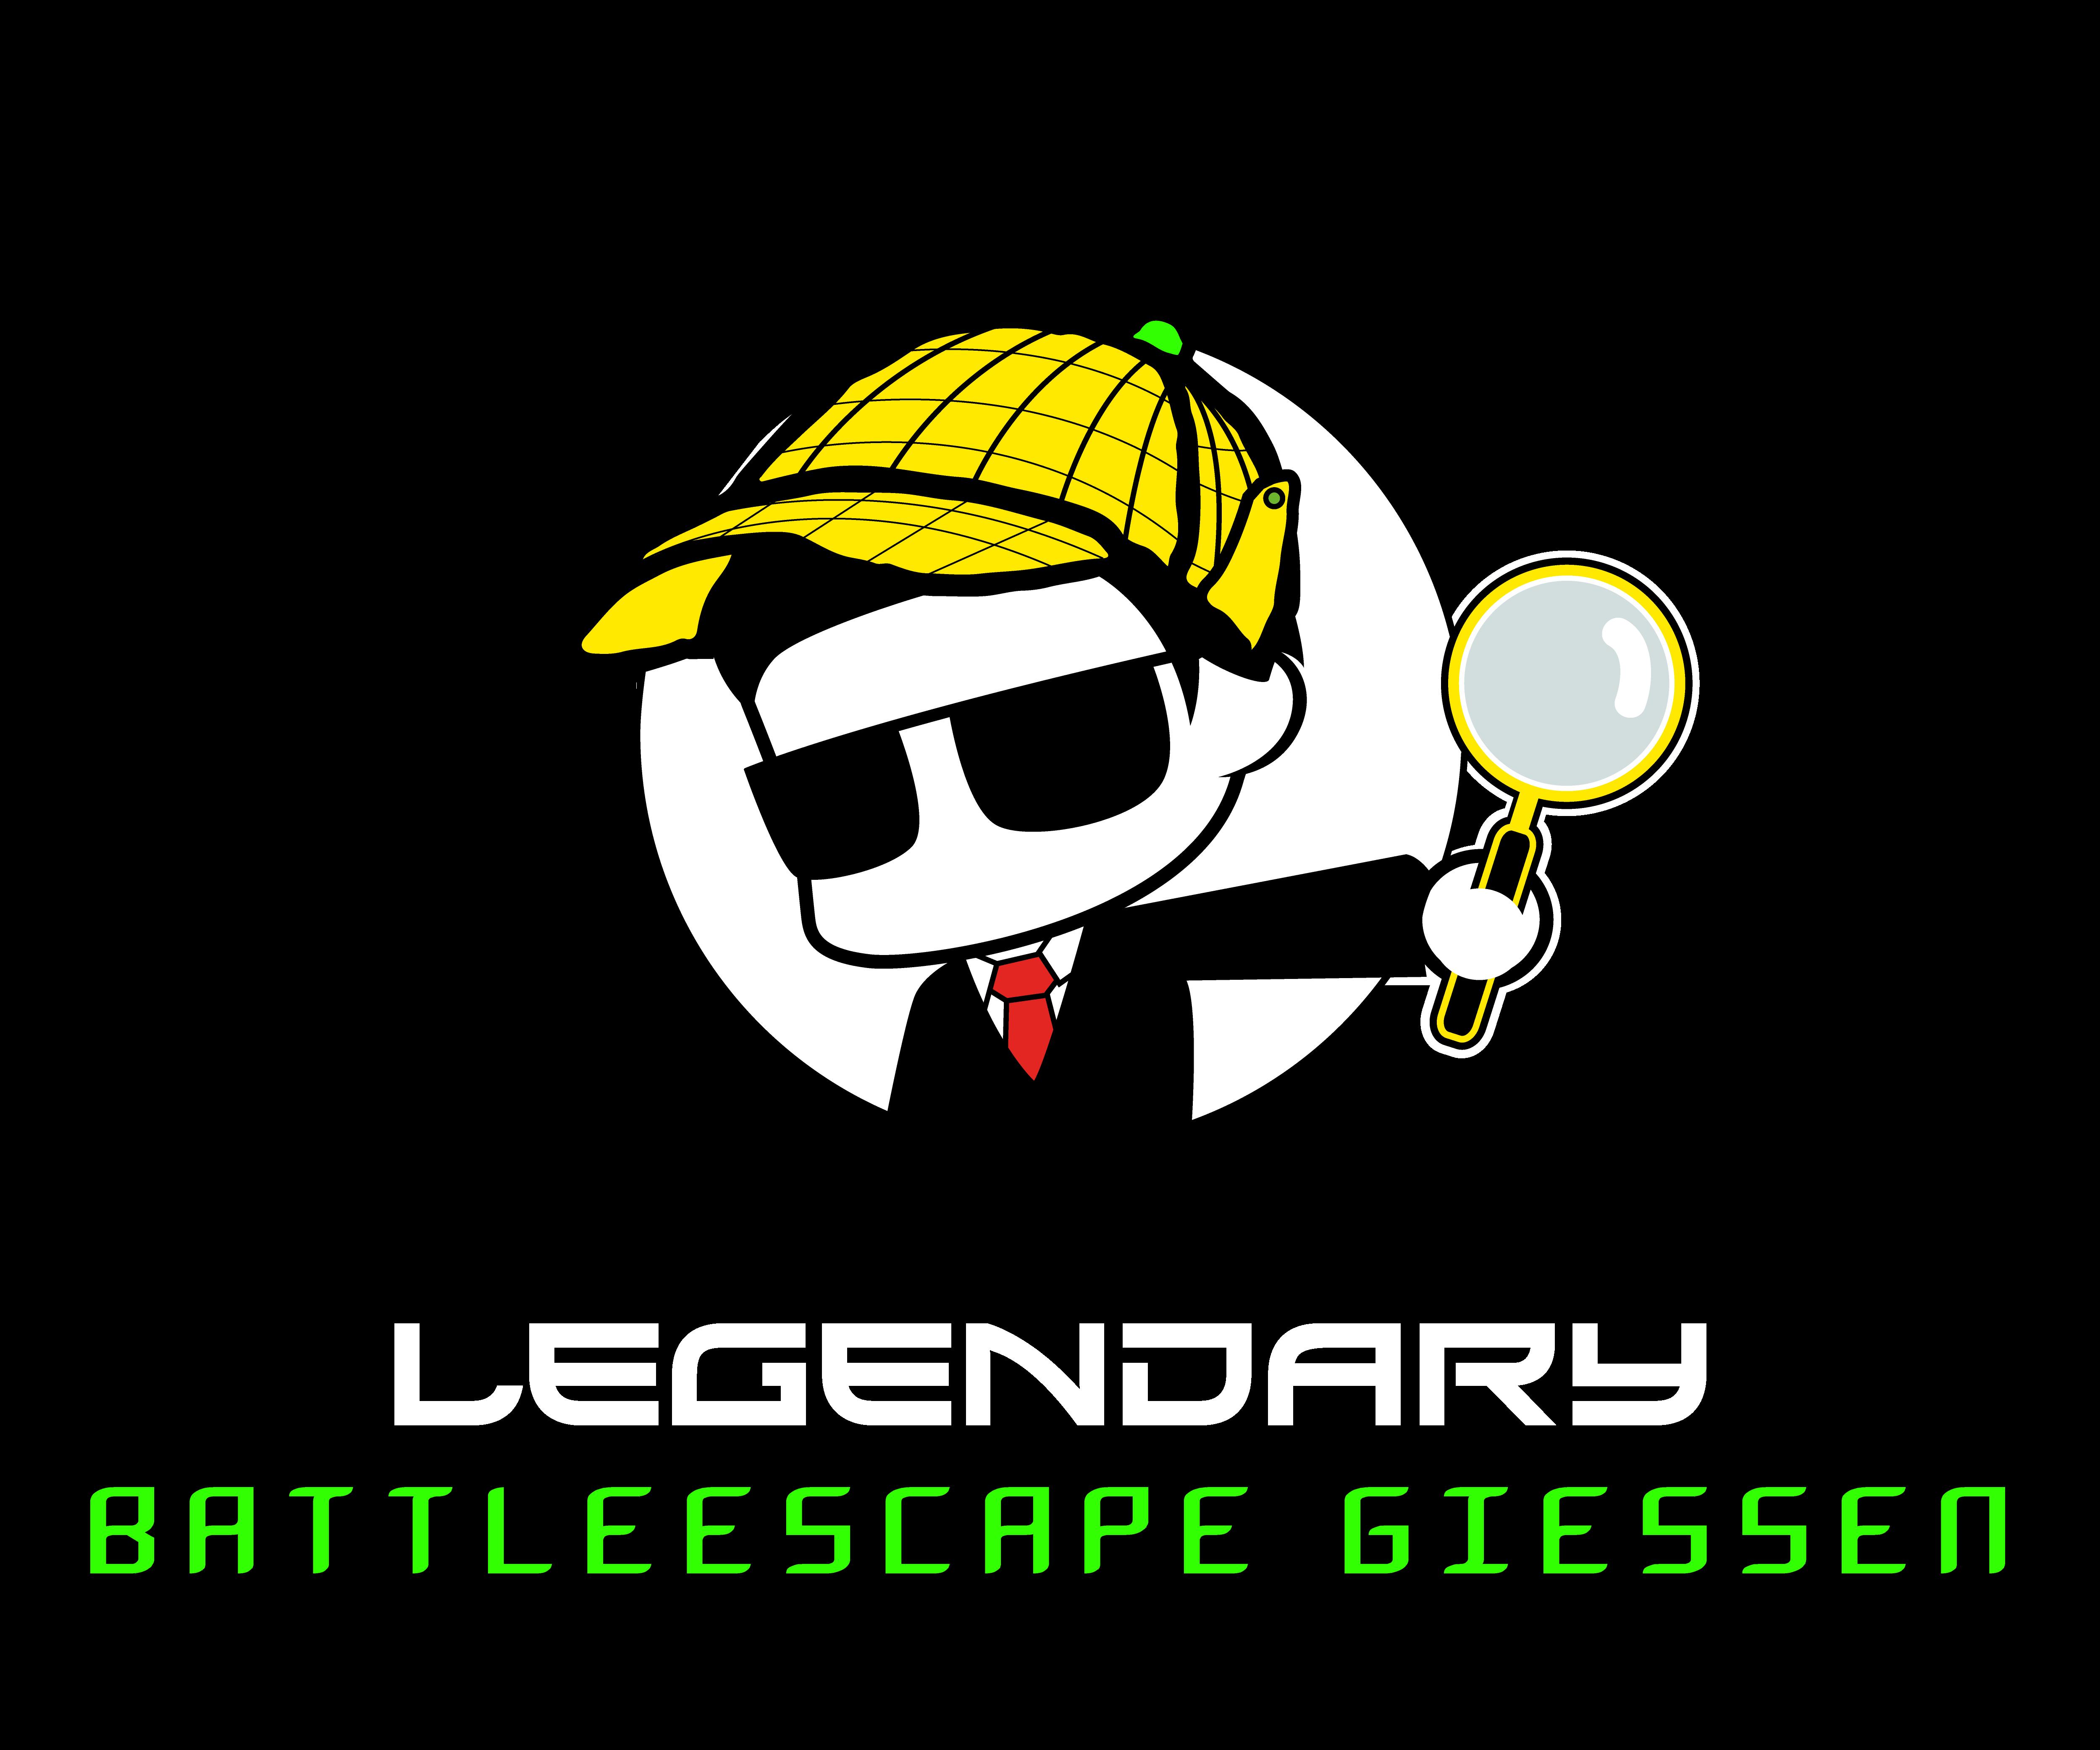 Legendary BattleEscape Giessen